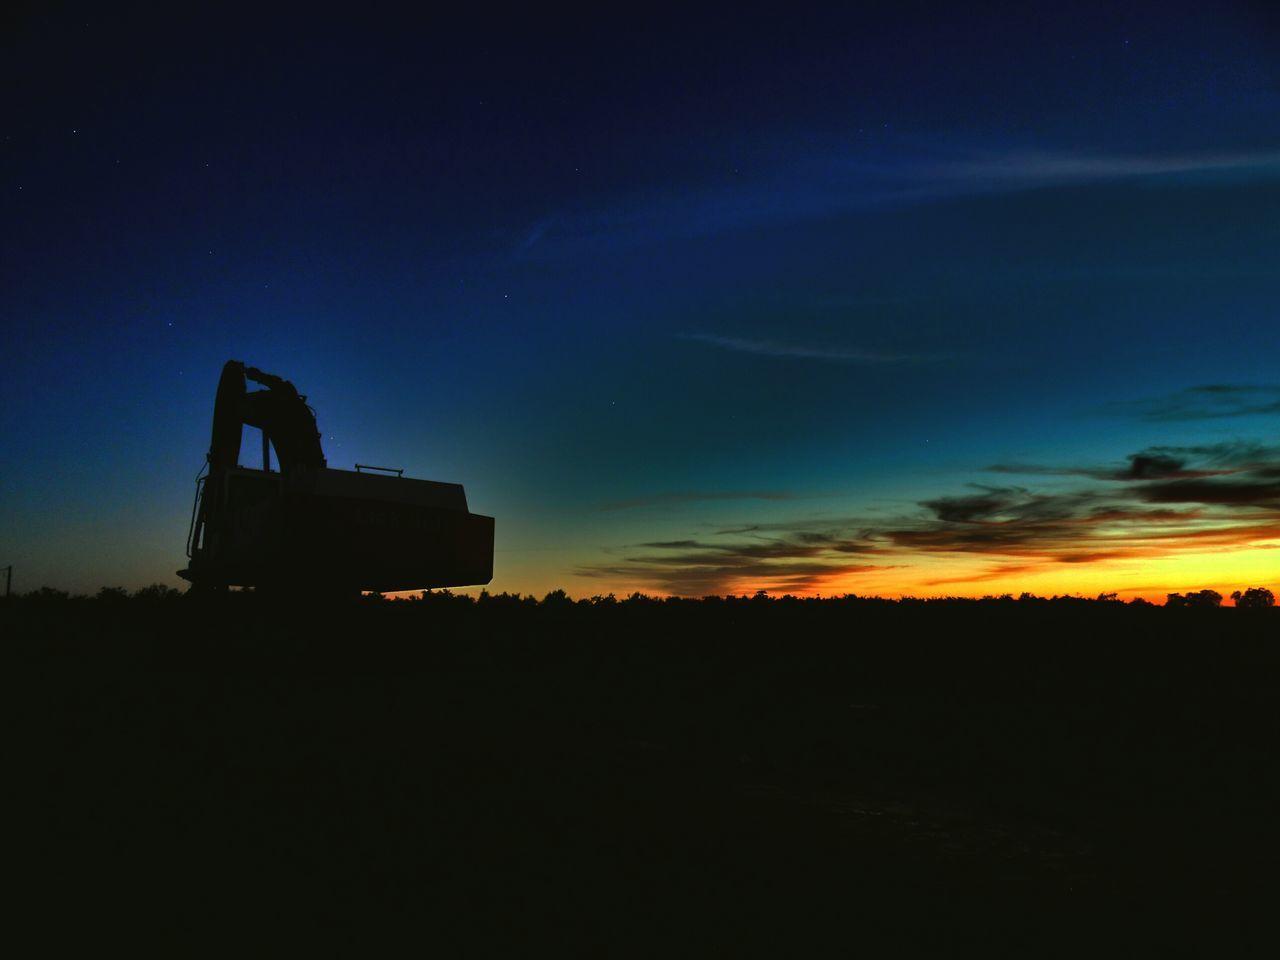 Silhouette Bulldozer On Landscape Against Sky